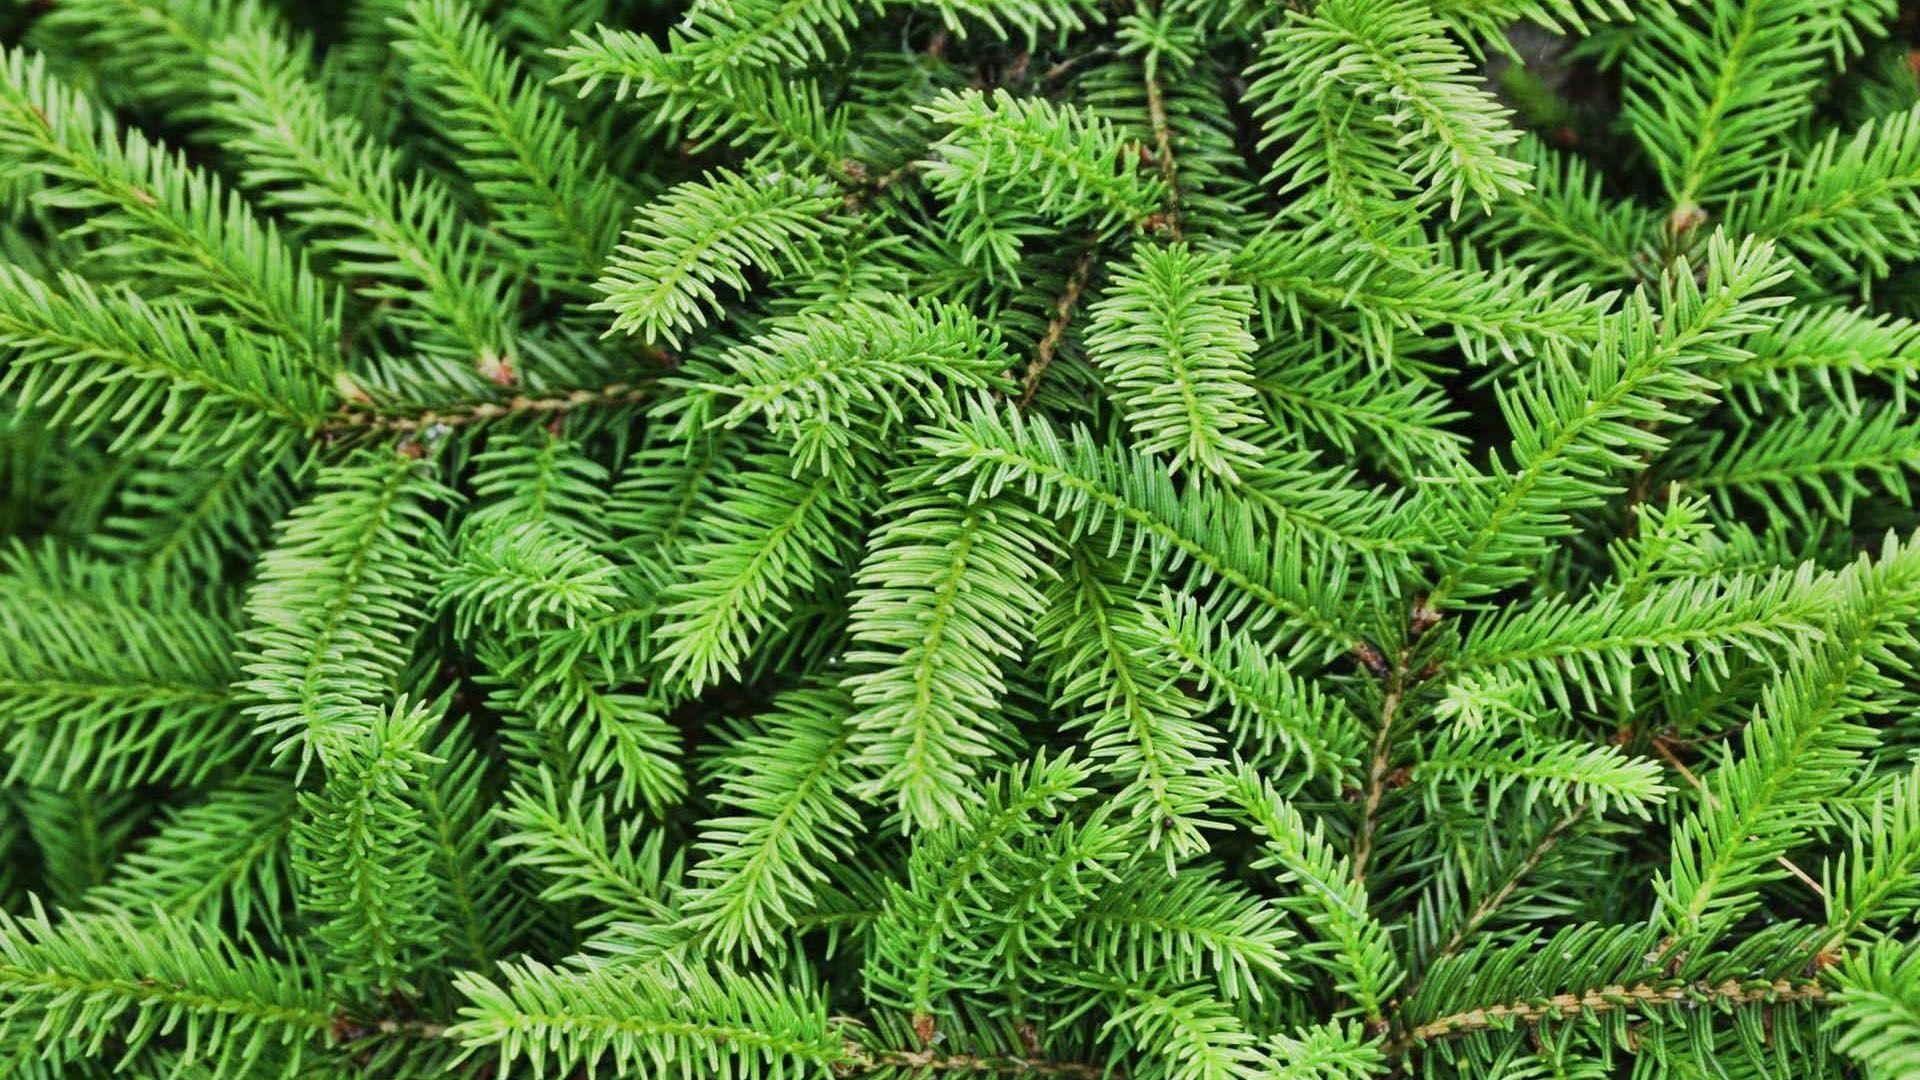 Fir tree texture background